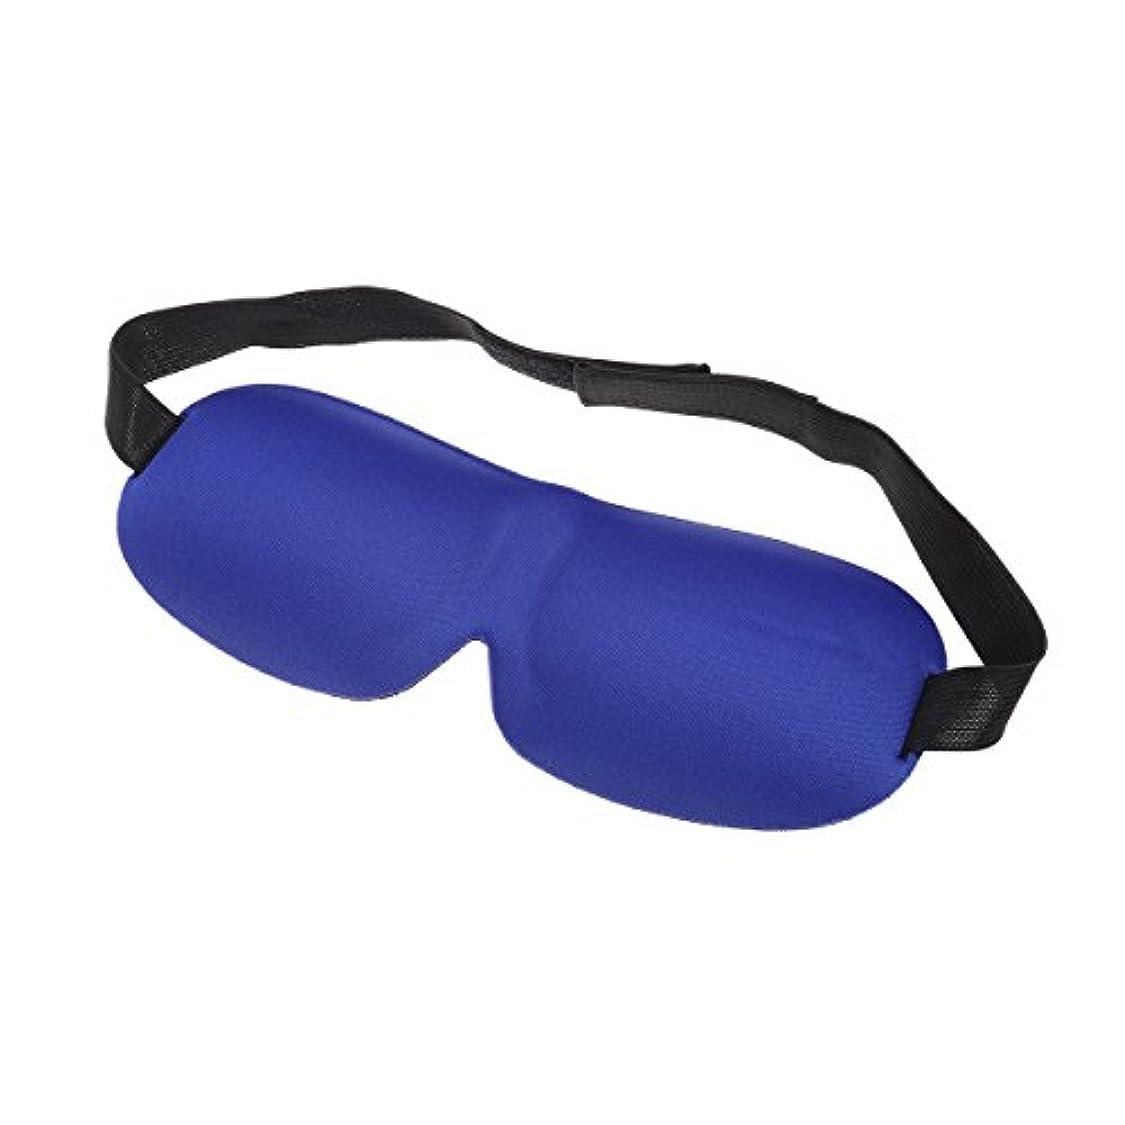 徹底的に戻す知っているに立ち寄るROSENICE アイマスク 遮光 睡眠 軽量 目隠し 圧迫感なし 調節可能 3D睡眠マスク(ブルー)